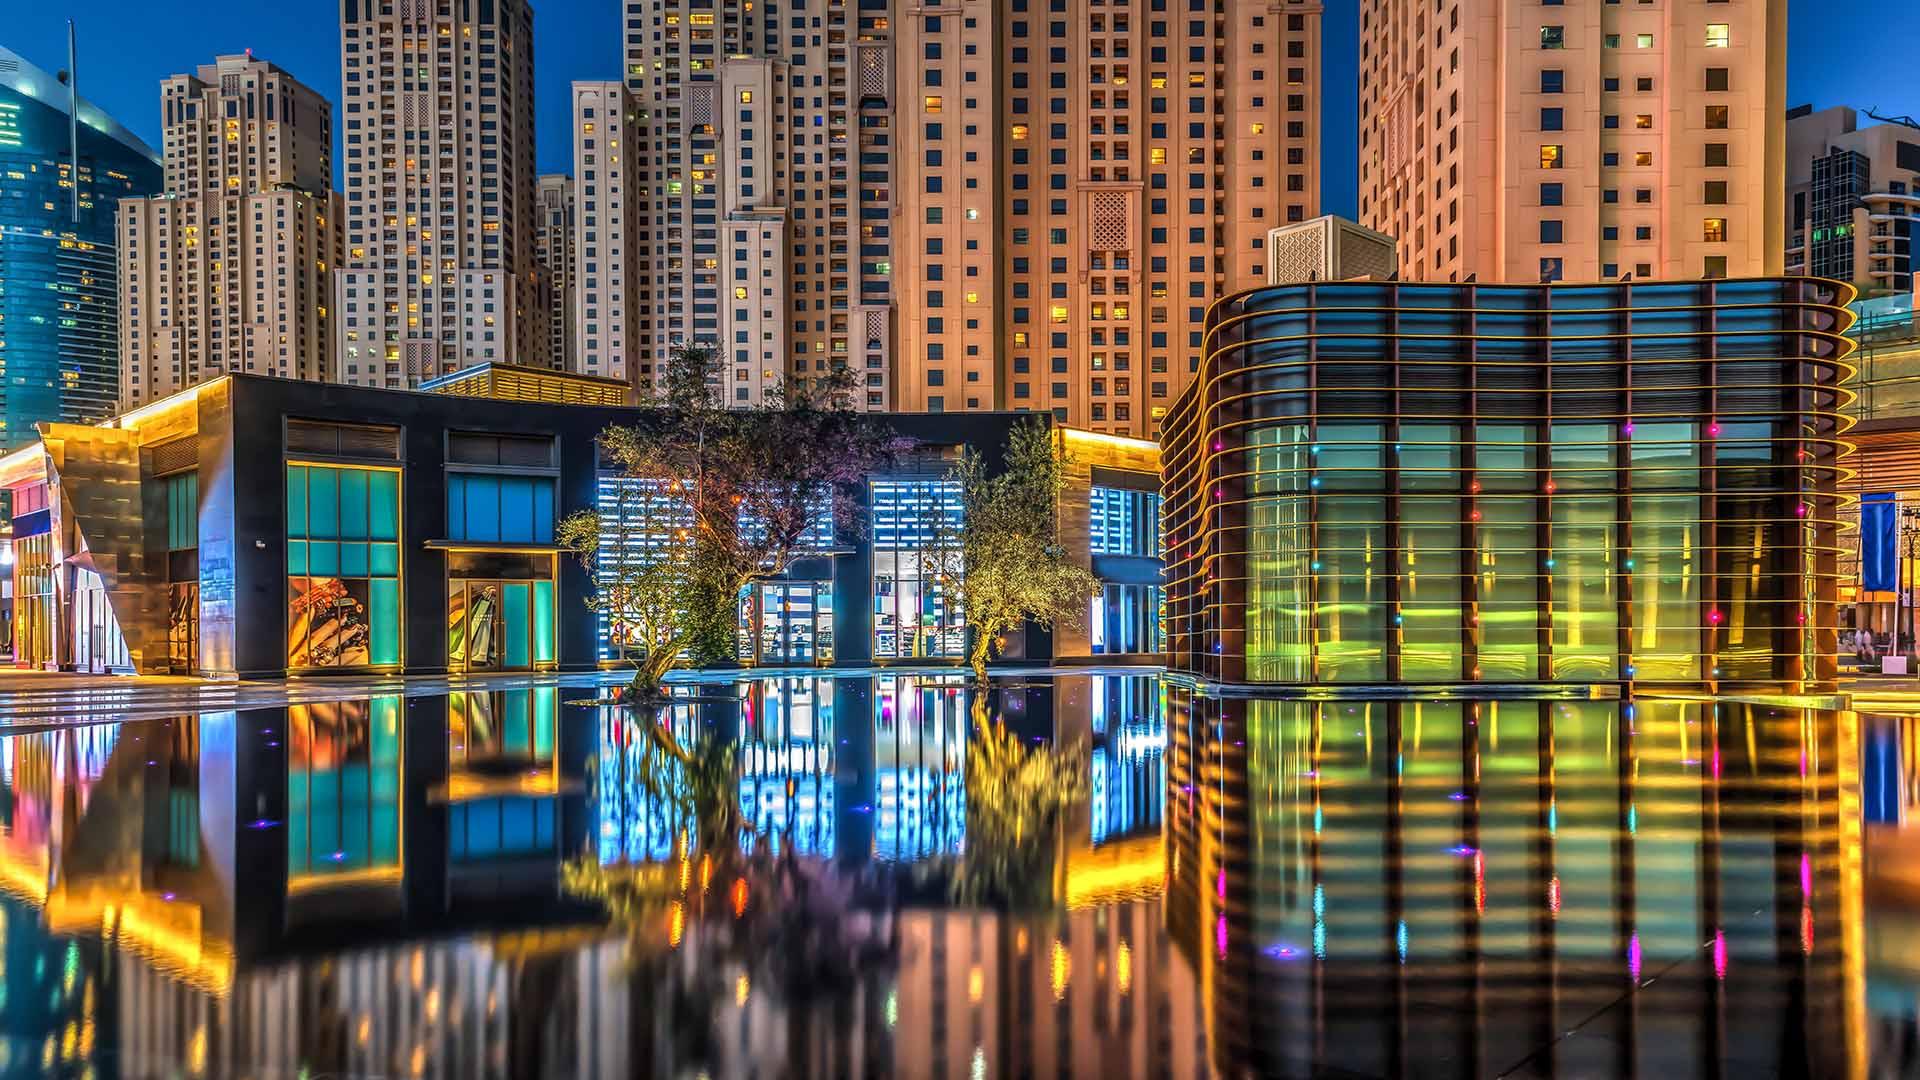 Jumeirah Beach Residence - Short Stay Rentals